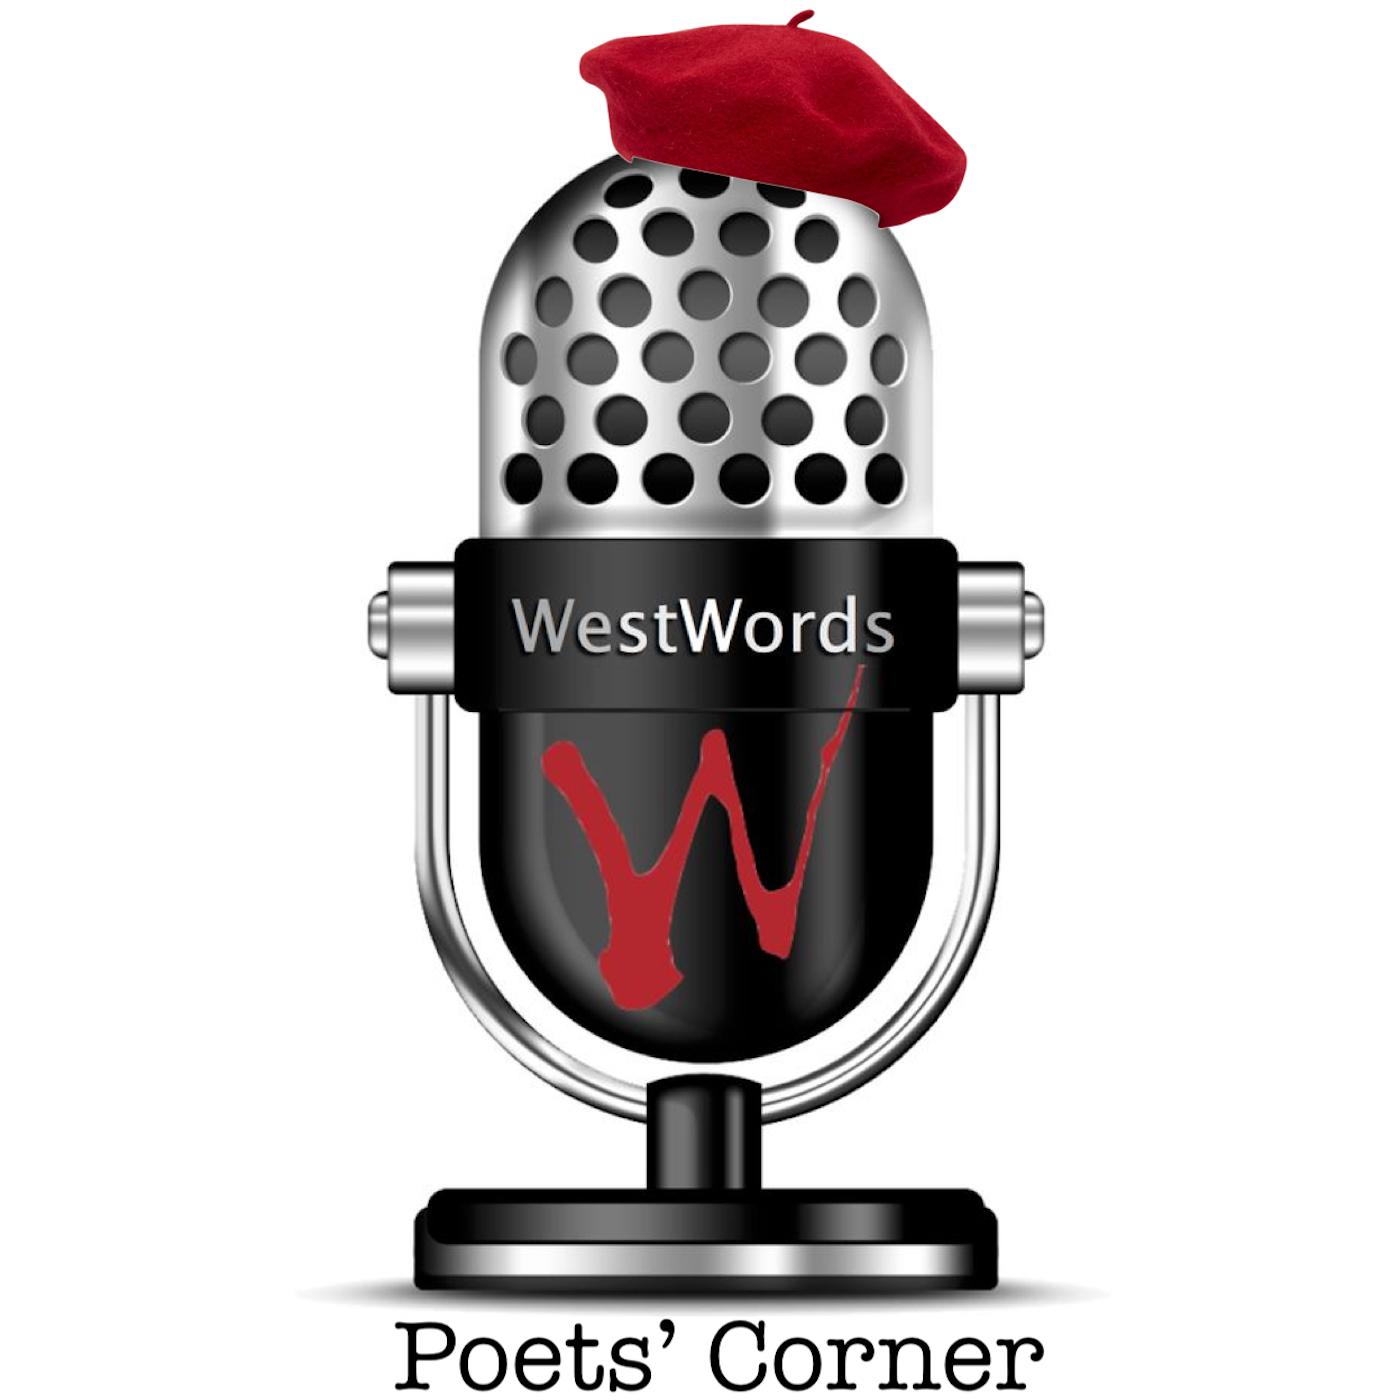 Show artwork for Poets' Corner